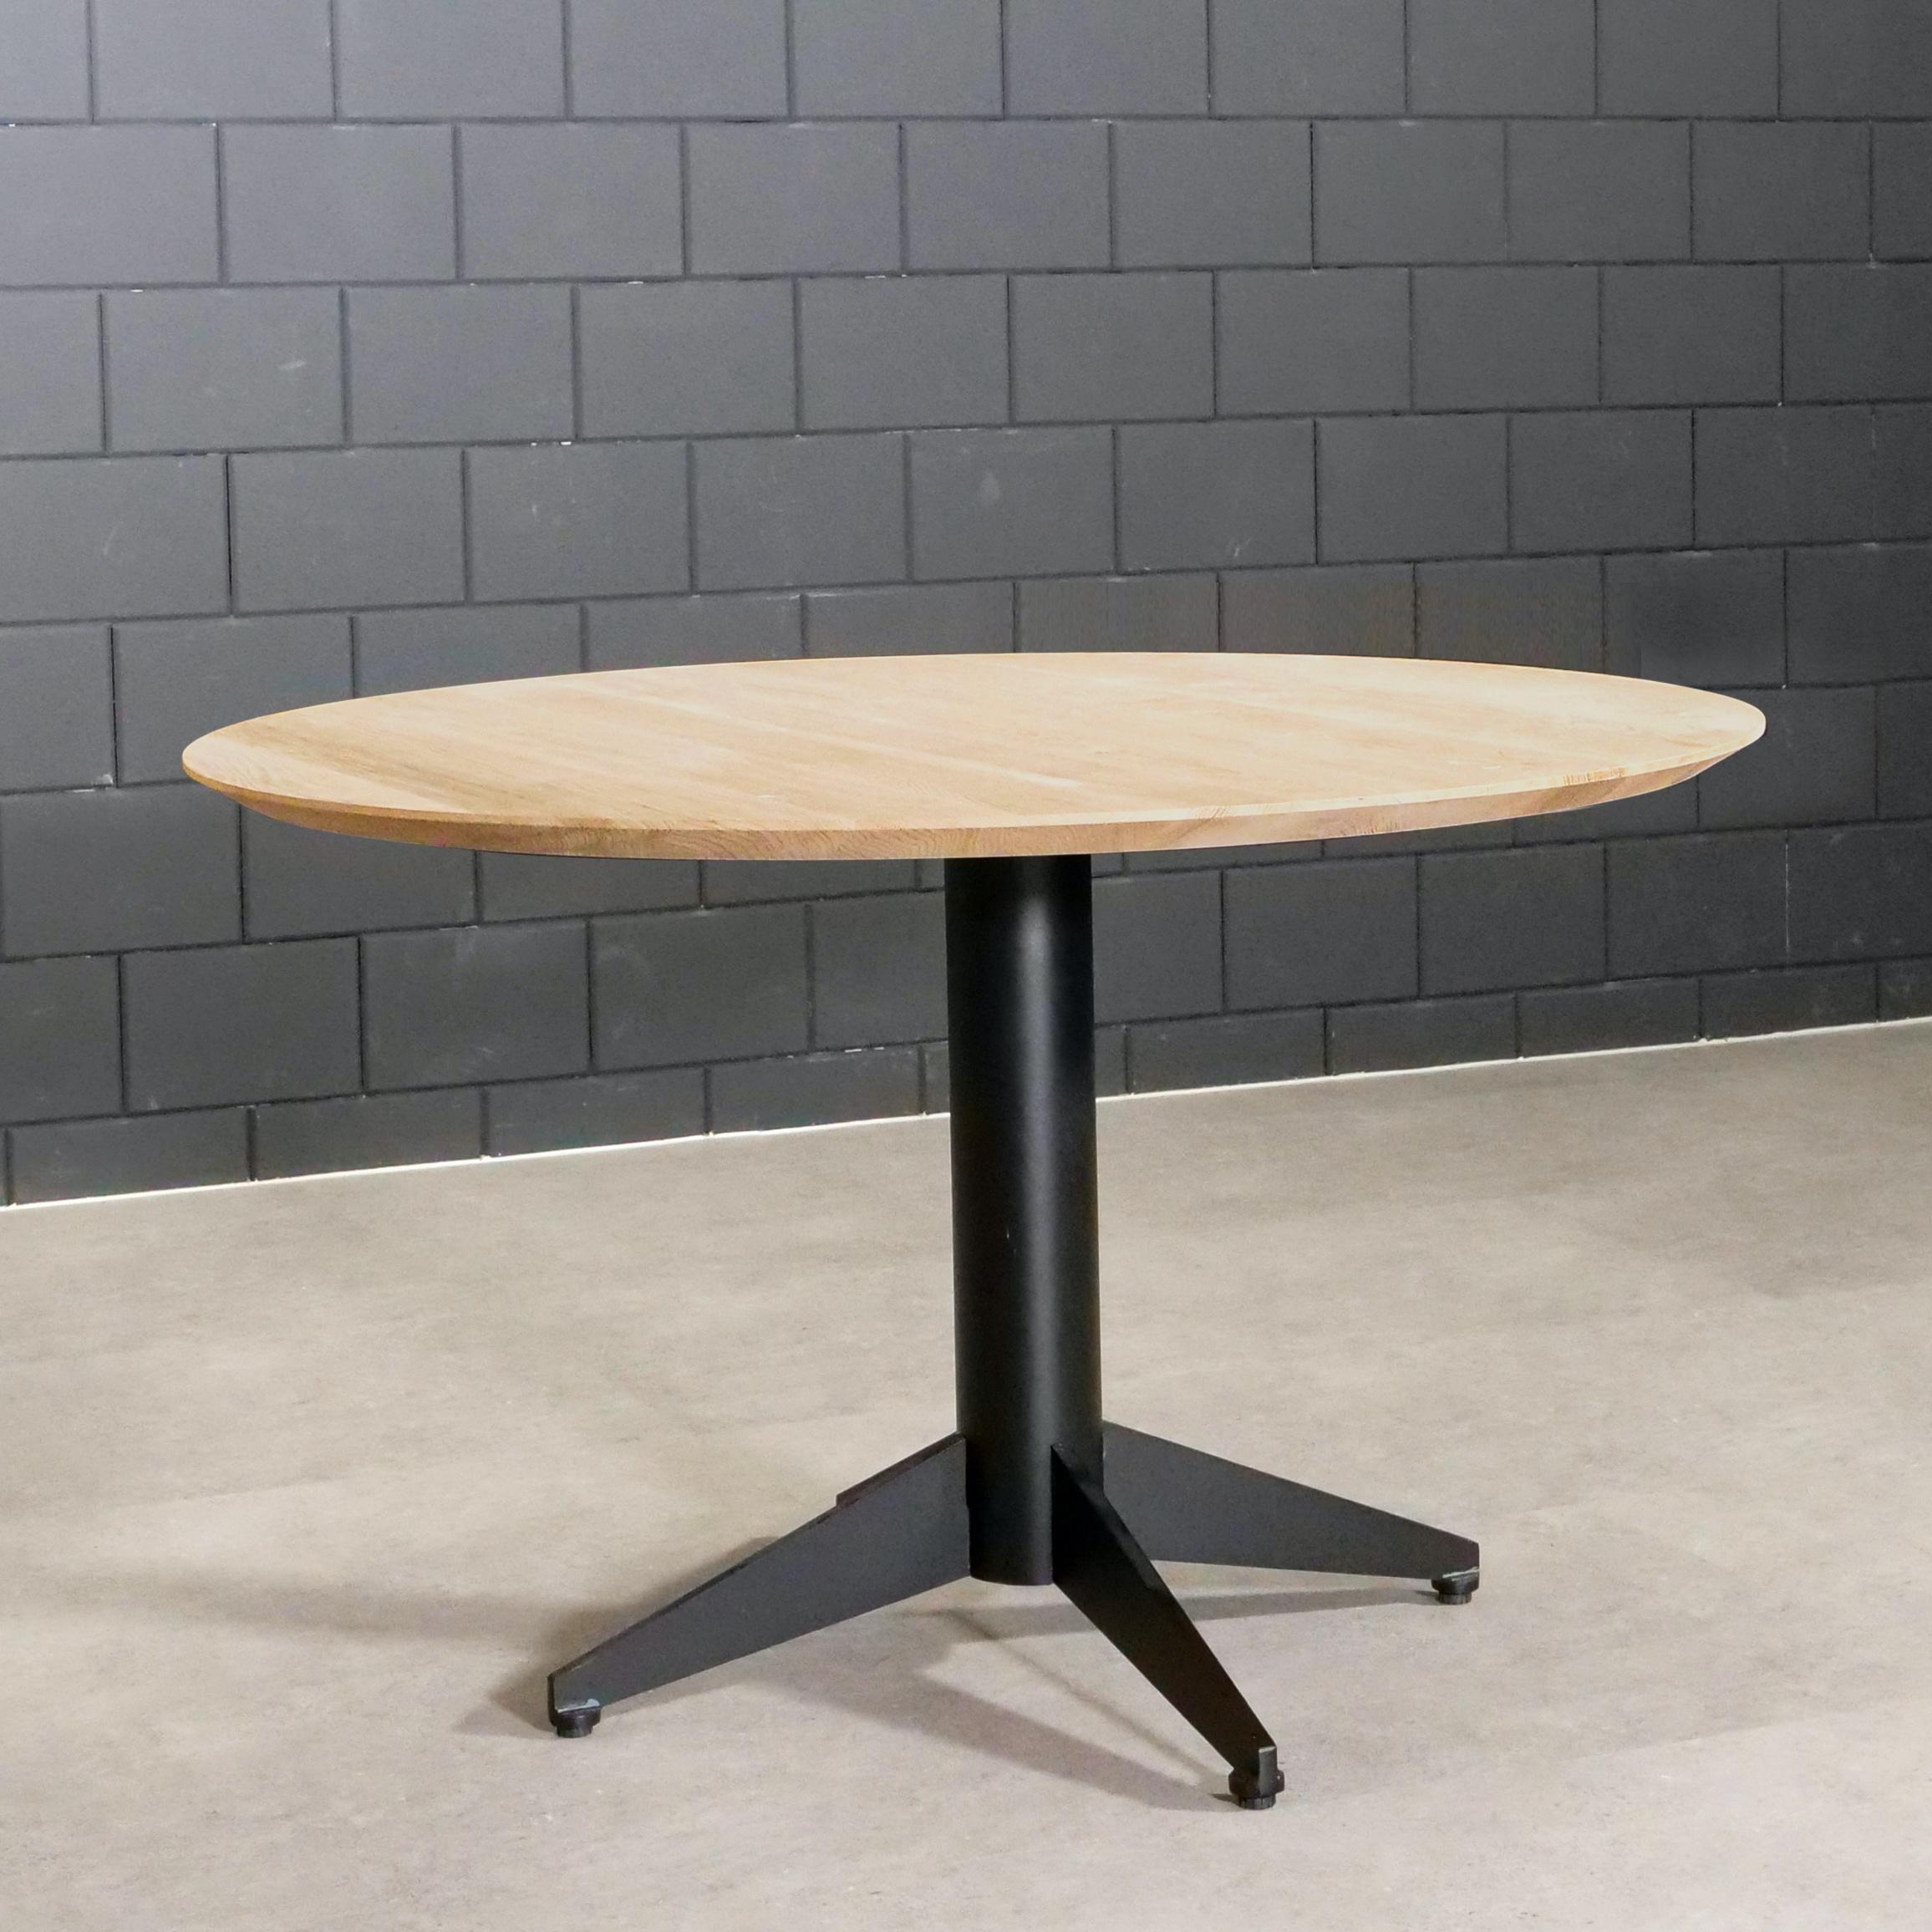 Tischplatte Wildeiche rund - 3 cm dick - mit Schweizer Kante - Asteiche (rustikal) - mit abgeschrägten Kanten - Eiche Tischplatte rund massiv - Verleimt & künstlich getrocknet (HF 8-12%)